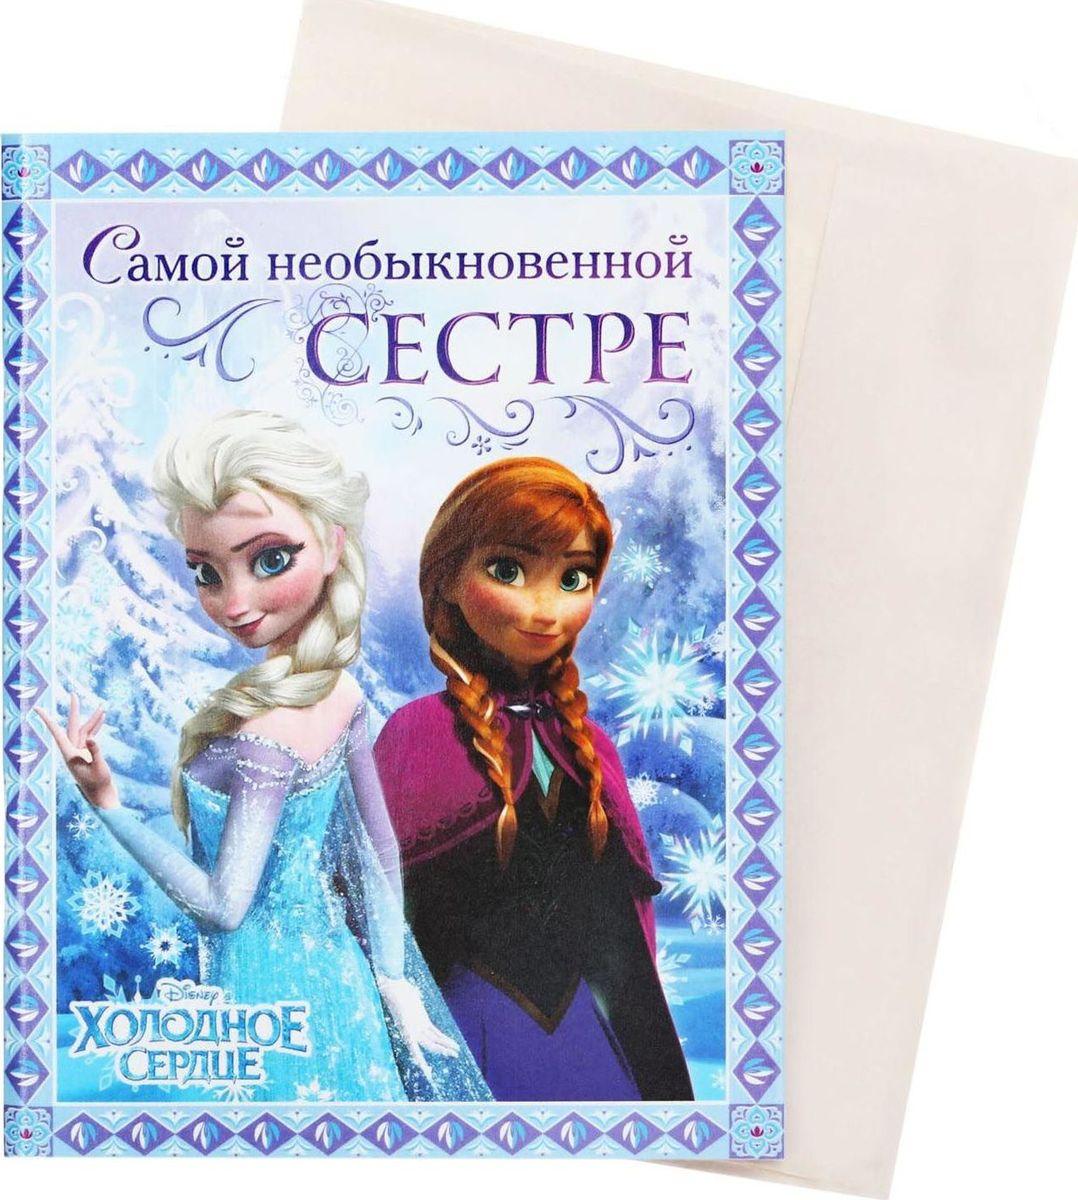 Disney Блокнот-открытка Холодное сердце Самой необыкновенной сестре 32 листа1121646Перед вами уникальная разработка нашего креативного отдела. С одной стороны, это яркая открытка с героями любимого мультфильма, а стоит заглянуть внутрь, и вы найдете 32 дизайнерских листа с бархатной фактурой. Роскошный сувенир, разработанный специально для маленьких принцесс. В отличие от обычной открытки, которая зачастую просто пылиться в шкафу, блокнотом Самой необыкновенной сестре приятно пользоваться! Все элементы украшены милыми комплиментами и советами для юных красавиц. Герои мультика Холодное сердце изображены на обложке блокнота и на внутренних листах, так что каждая запись приносит еще больше удовольствия. Эксклюзивный блокнот-открытка будет прекрасным подарком для любимой сестренки любого возраста. В подарок к блокноту-открытке вложен универсальный конверт. Подпишите его, открытку и вручите сувенир адресату на любой праздник.